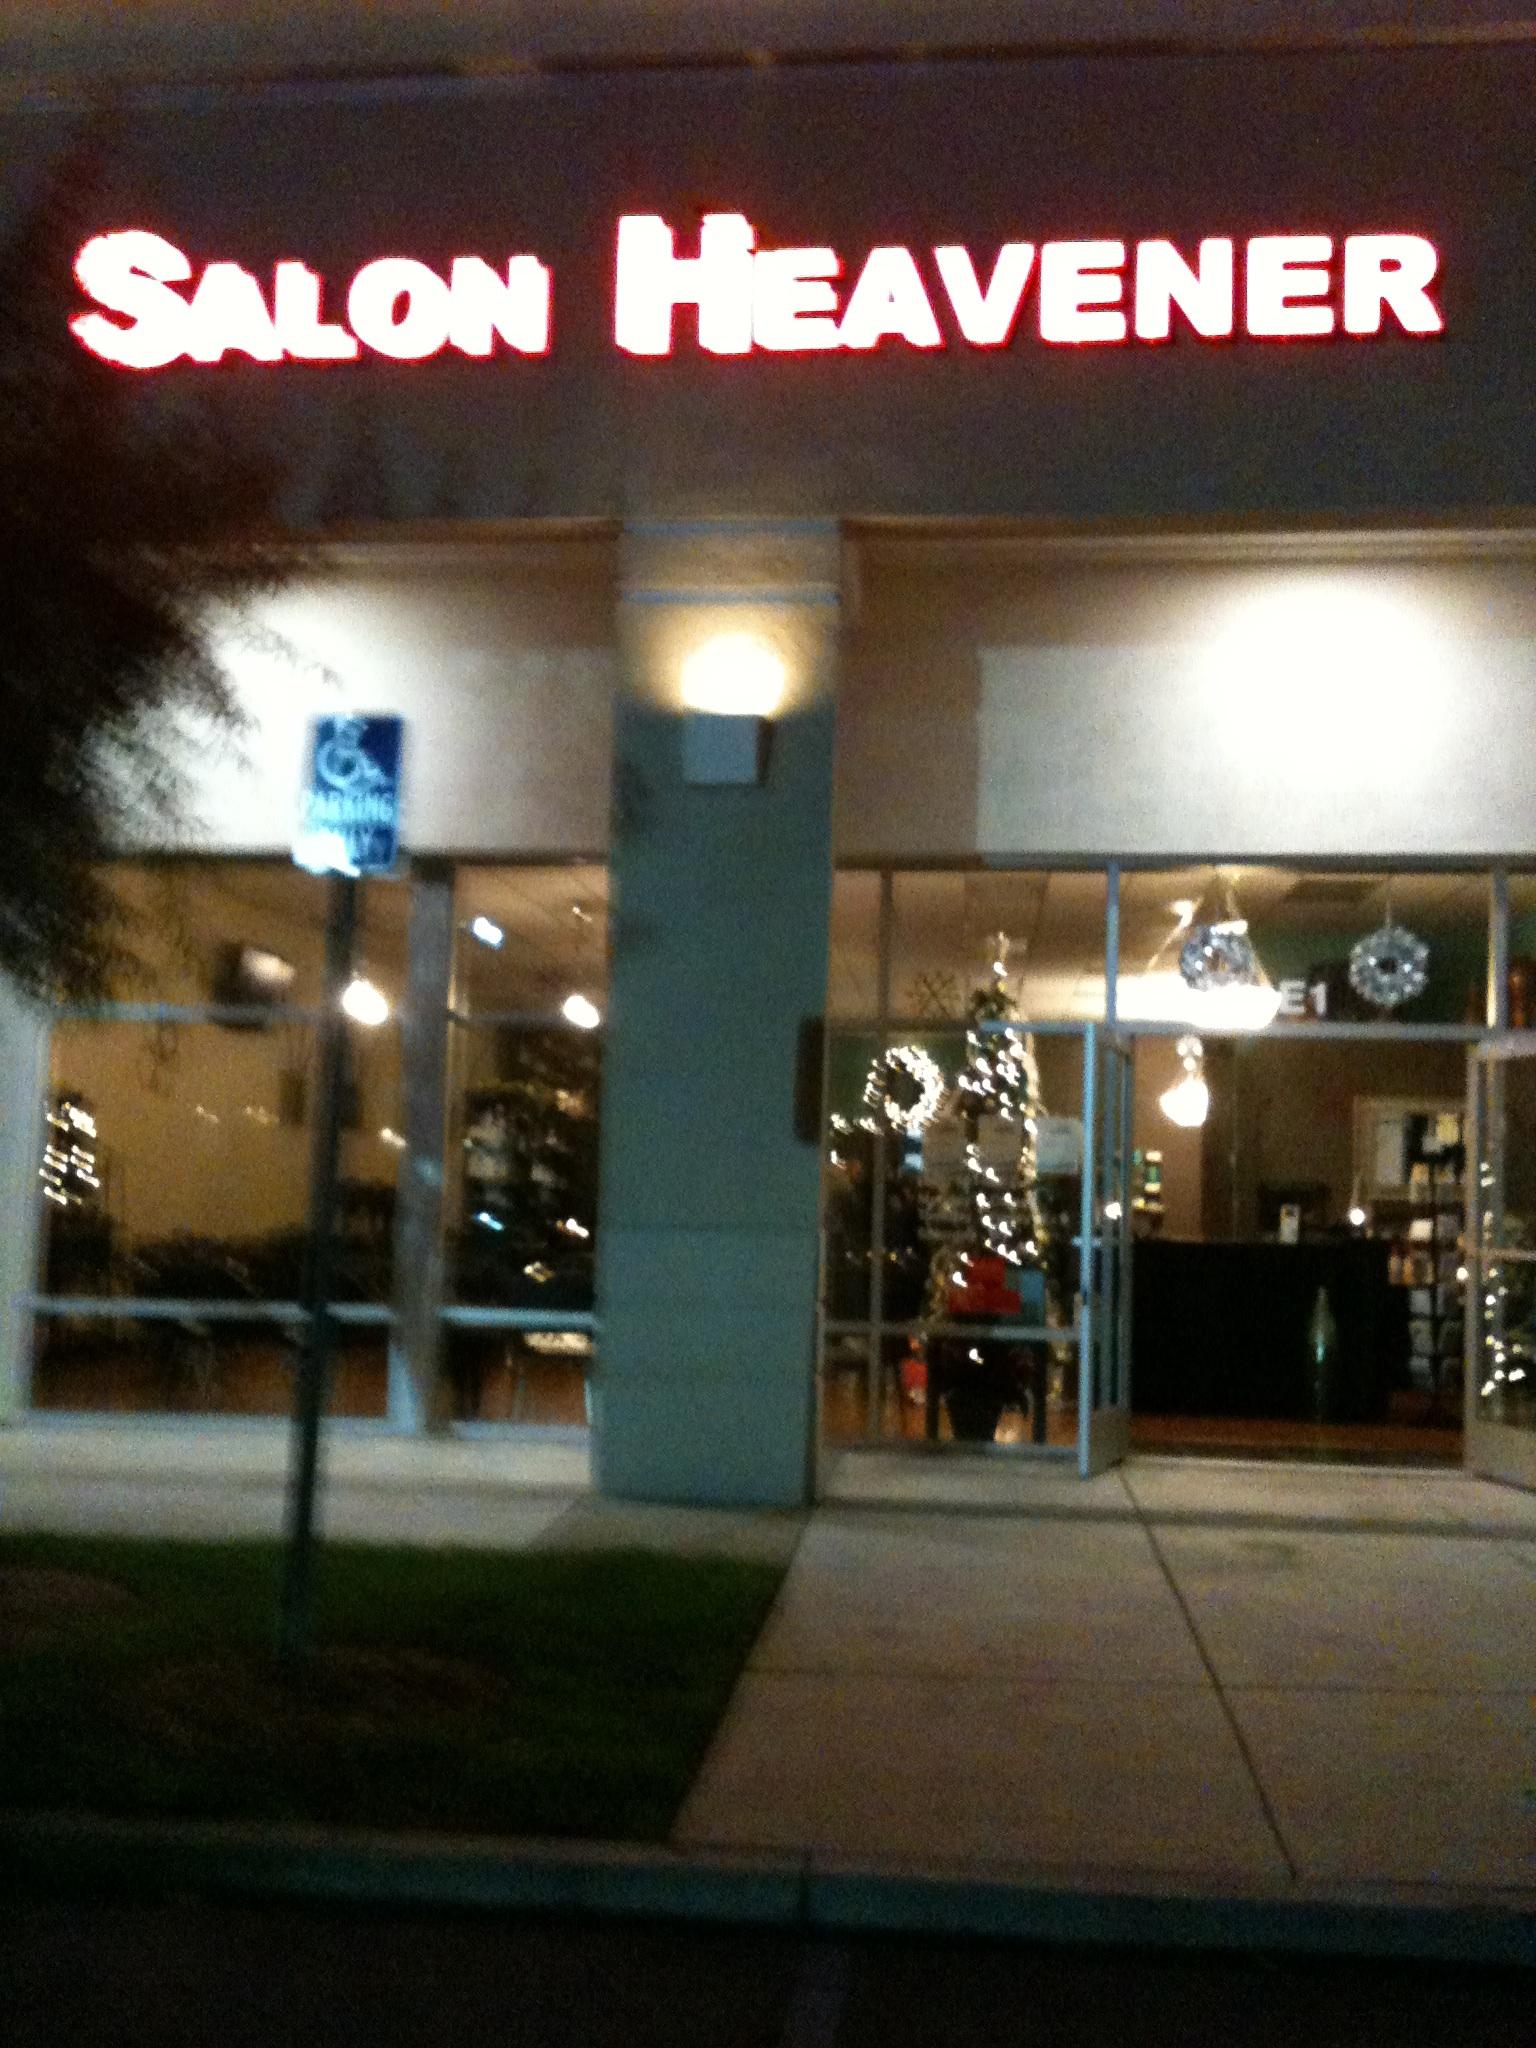 Salon Heavener 23052 Lake Forest Dr Ste E1 Laguna Hills Ca 92653